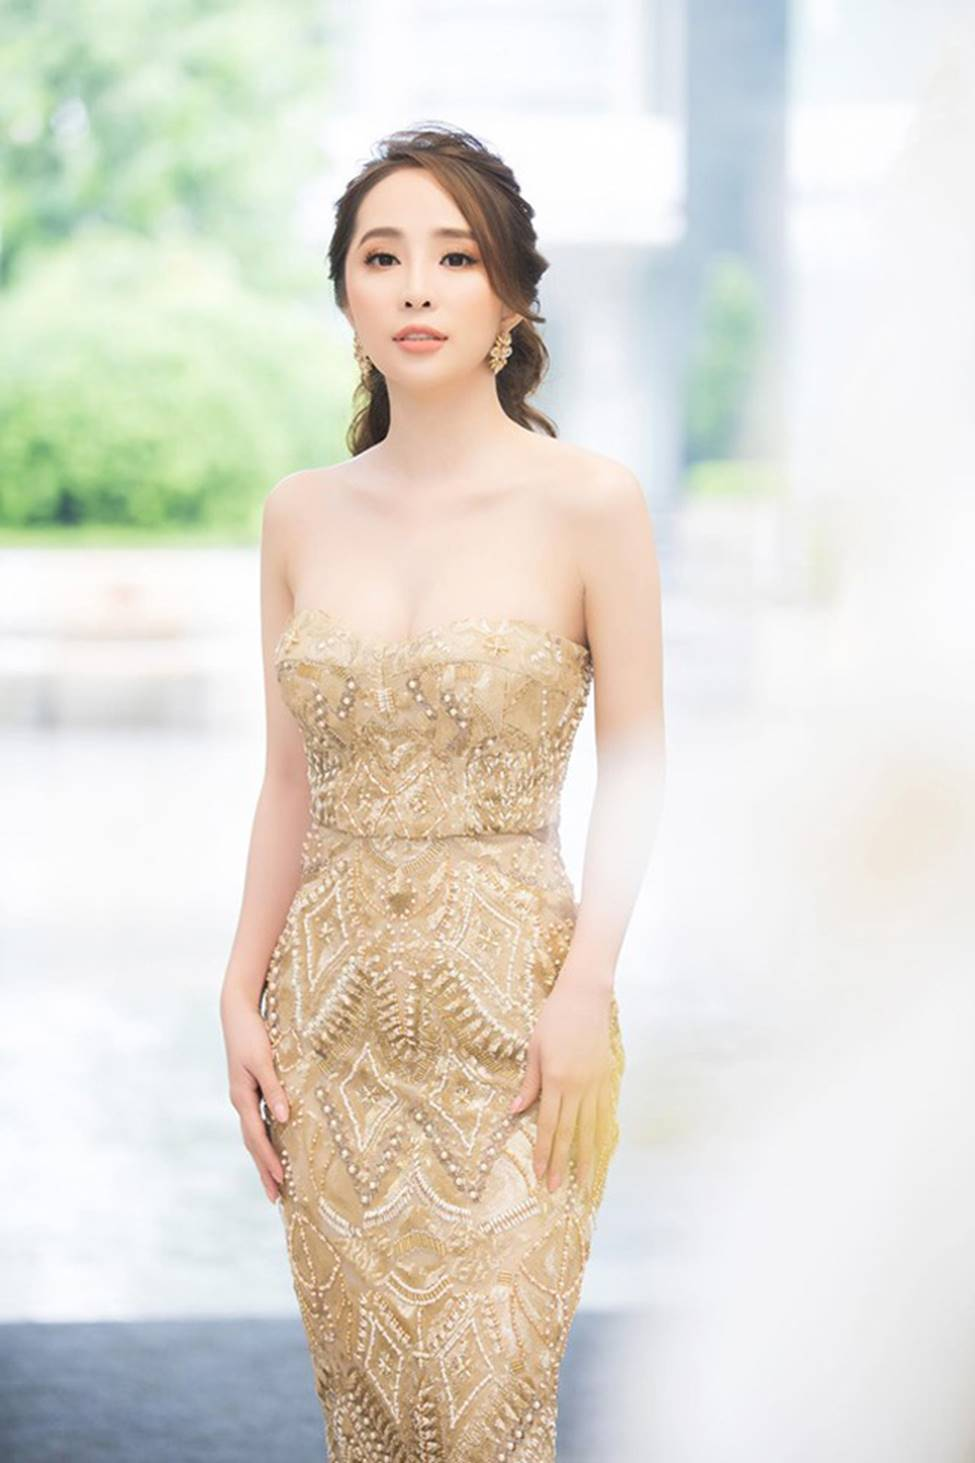 Sao nữ Việt sau ly hôn: Cá sấu chúa Quỳnh Nga có táo bạo nhất?-8